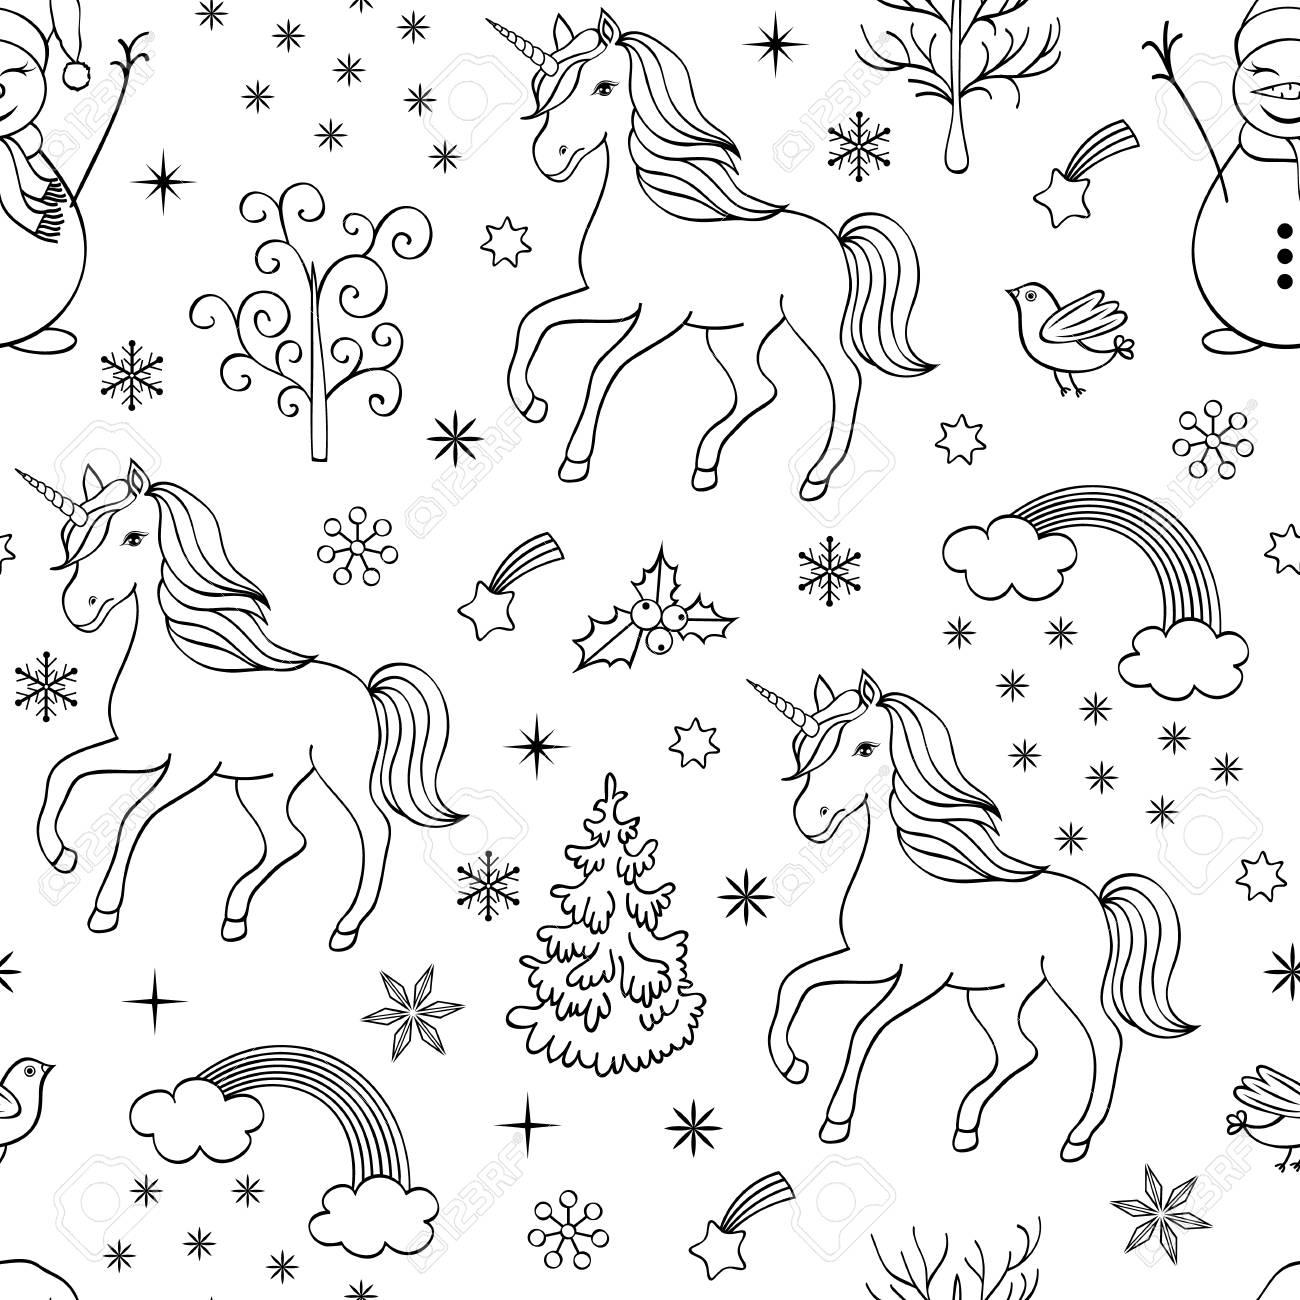 Patrón Sin Costuras De Navidad Con Unicornios, árboles, Pájaros ...